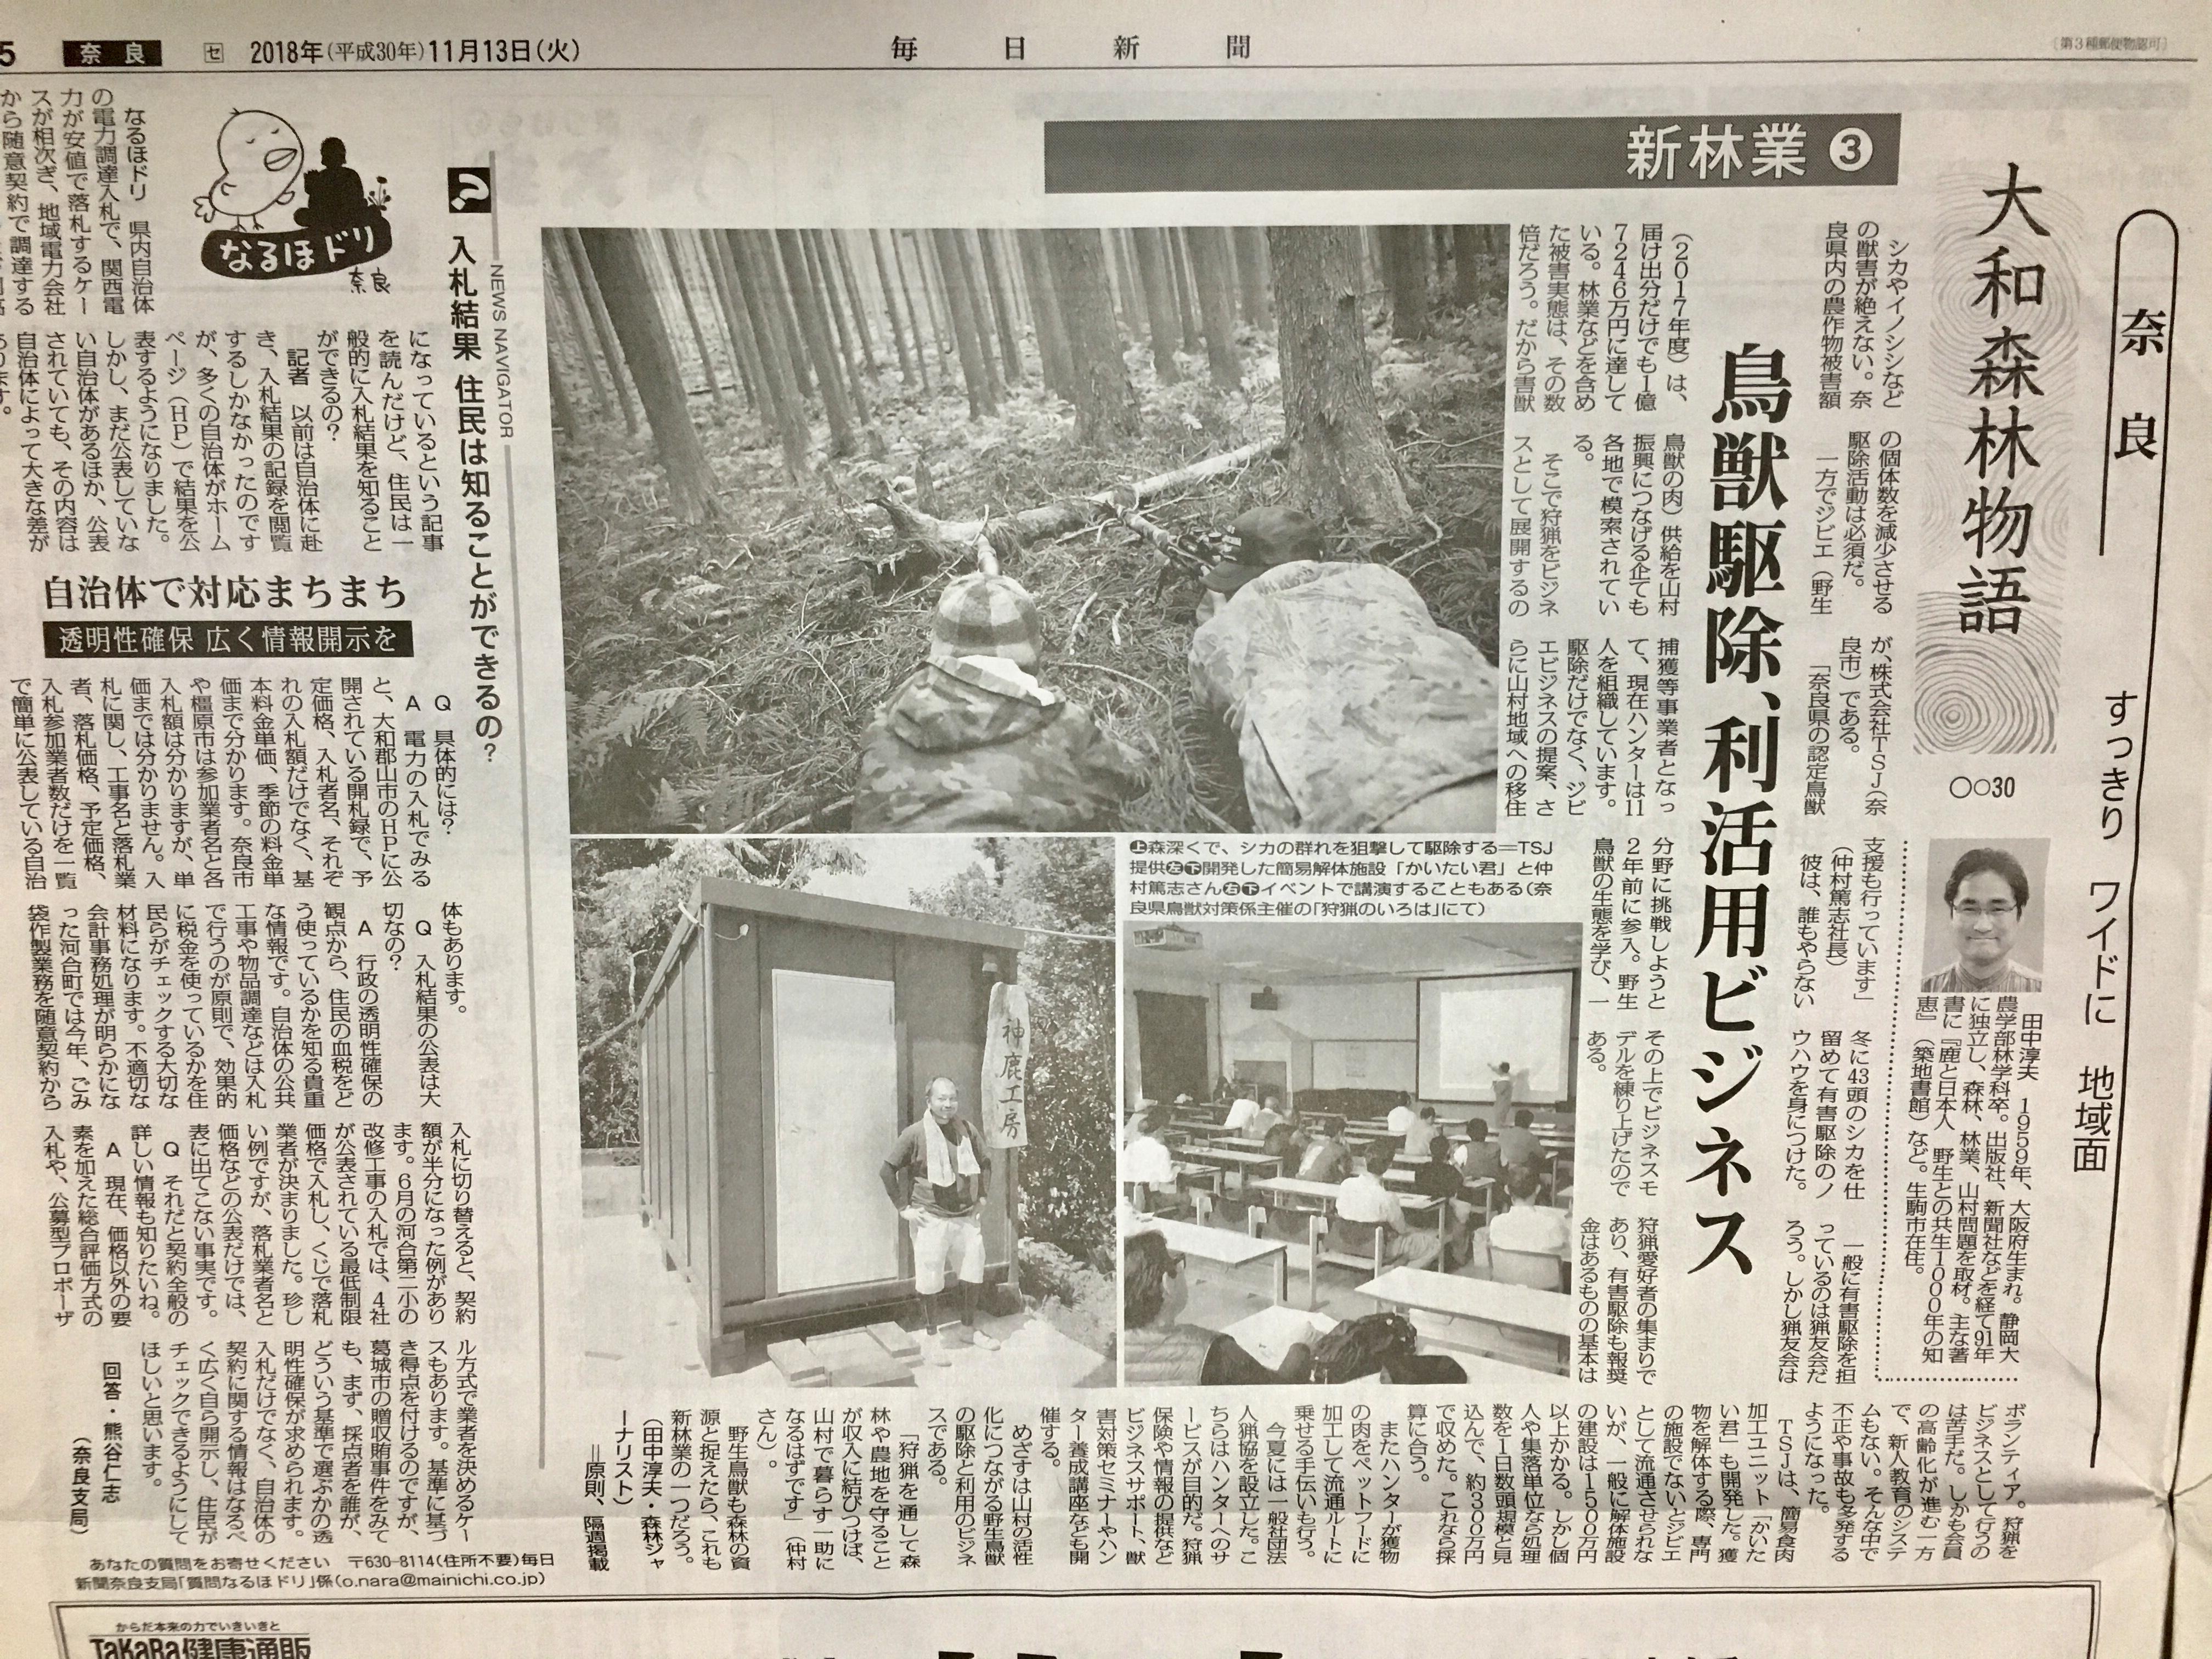 【メディア掲載】毎日新聞2018年11月13日奈良版